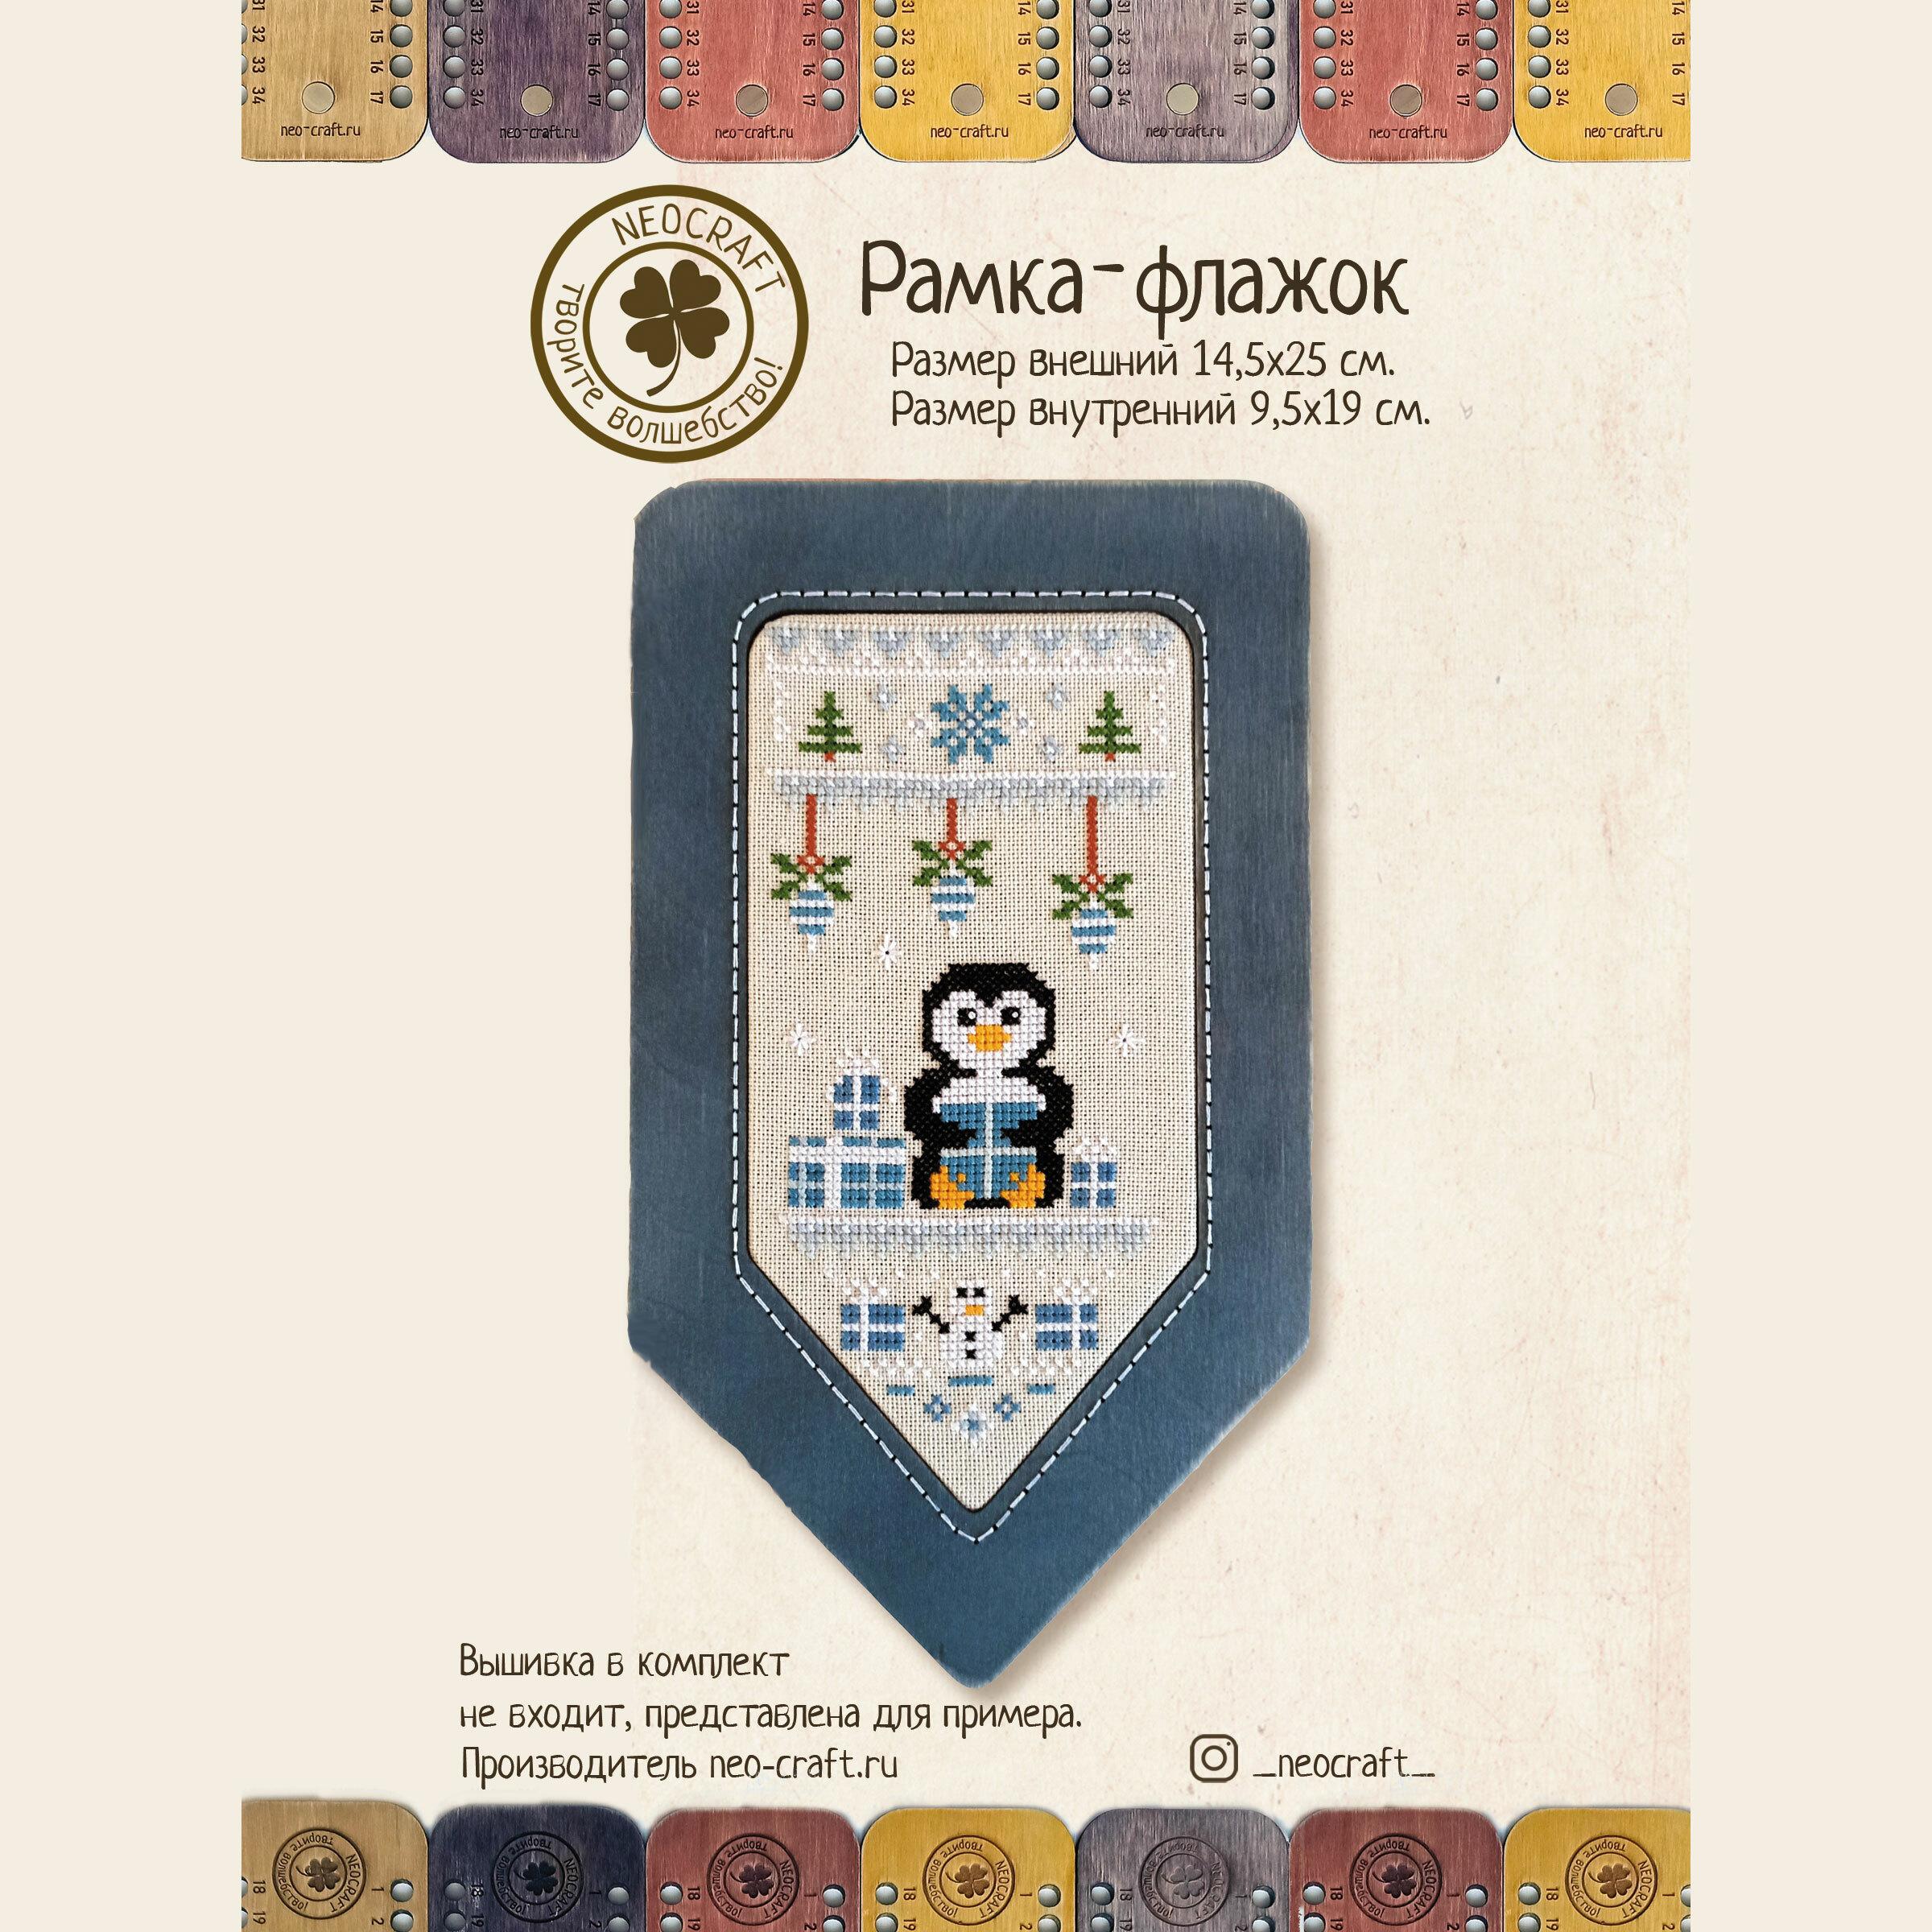 Рамка для вышивки Флажок (цвет Джинс) Ди-1005